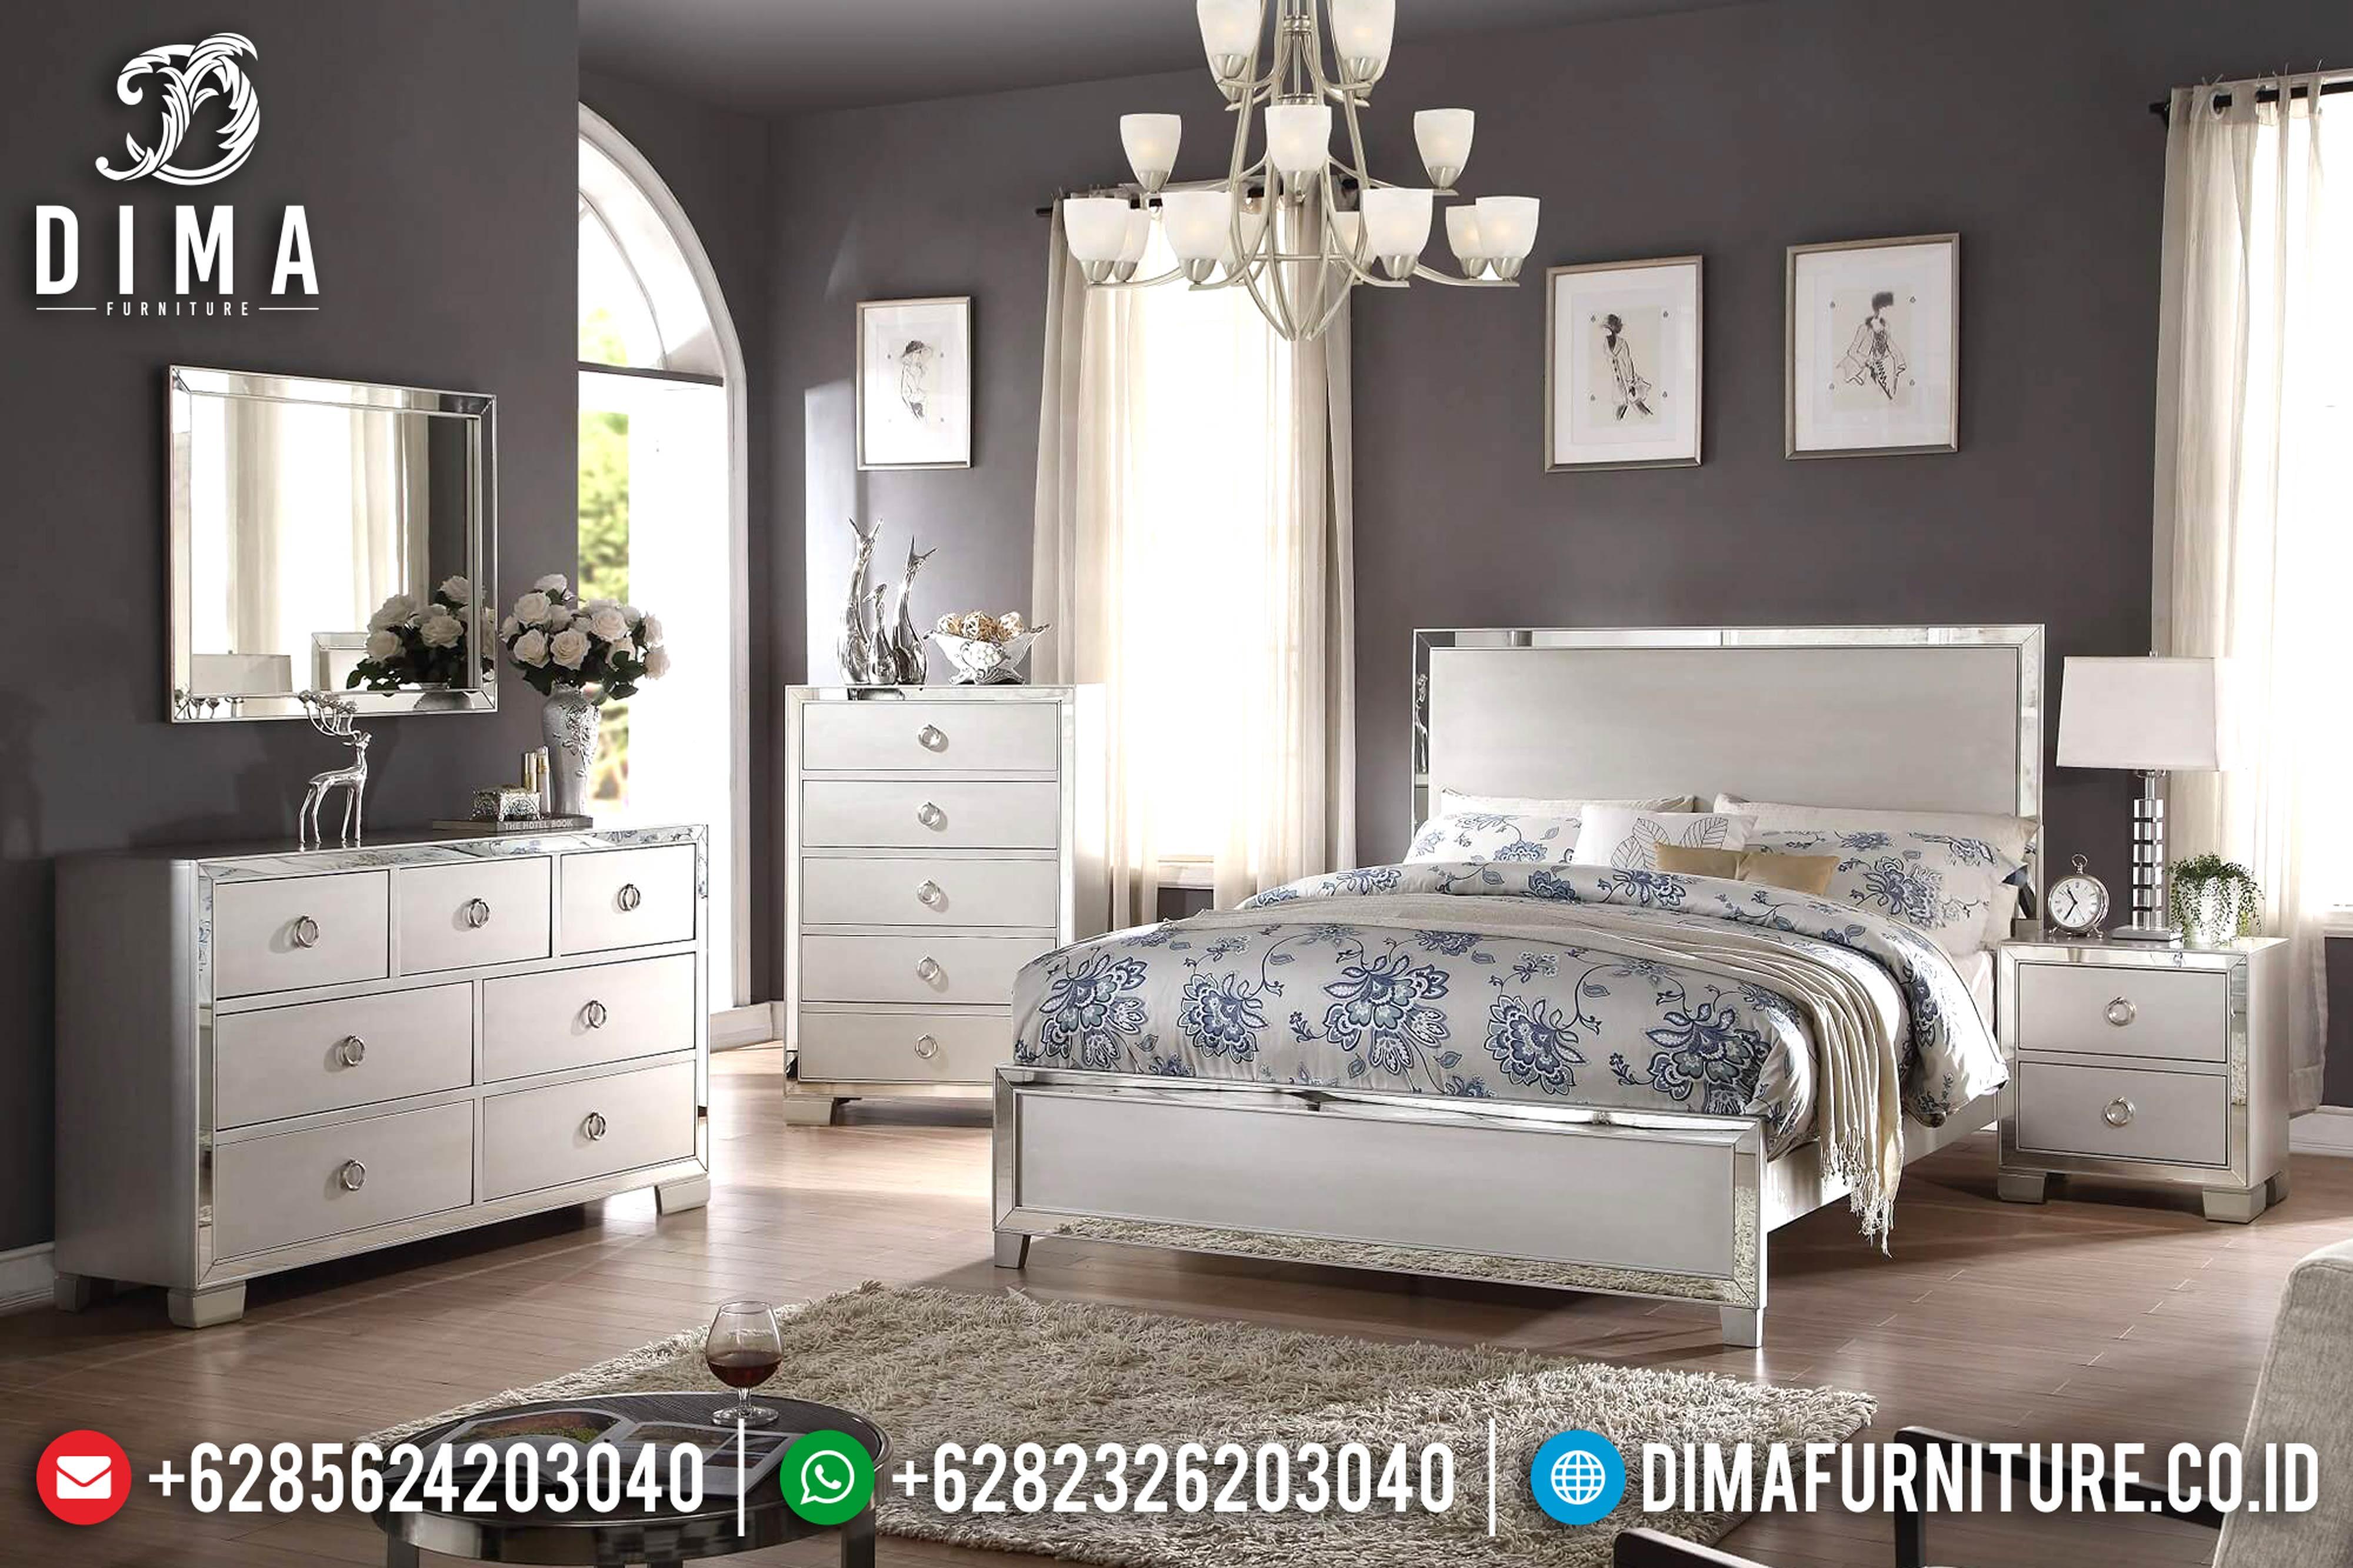 Tempat Tidur Minimalis Mewah, Kamar Set Minimalis, Mebel Mewah Jepara DF-0610